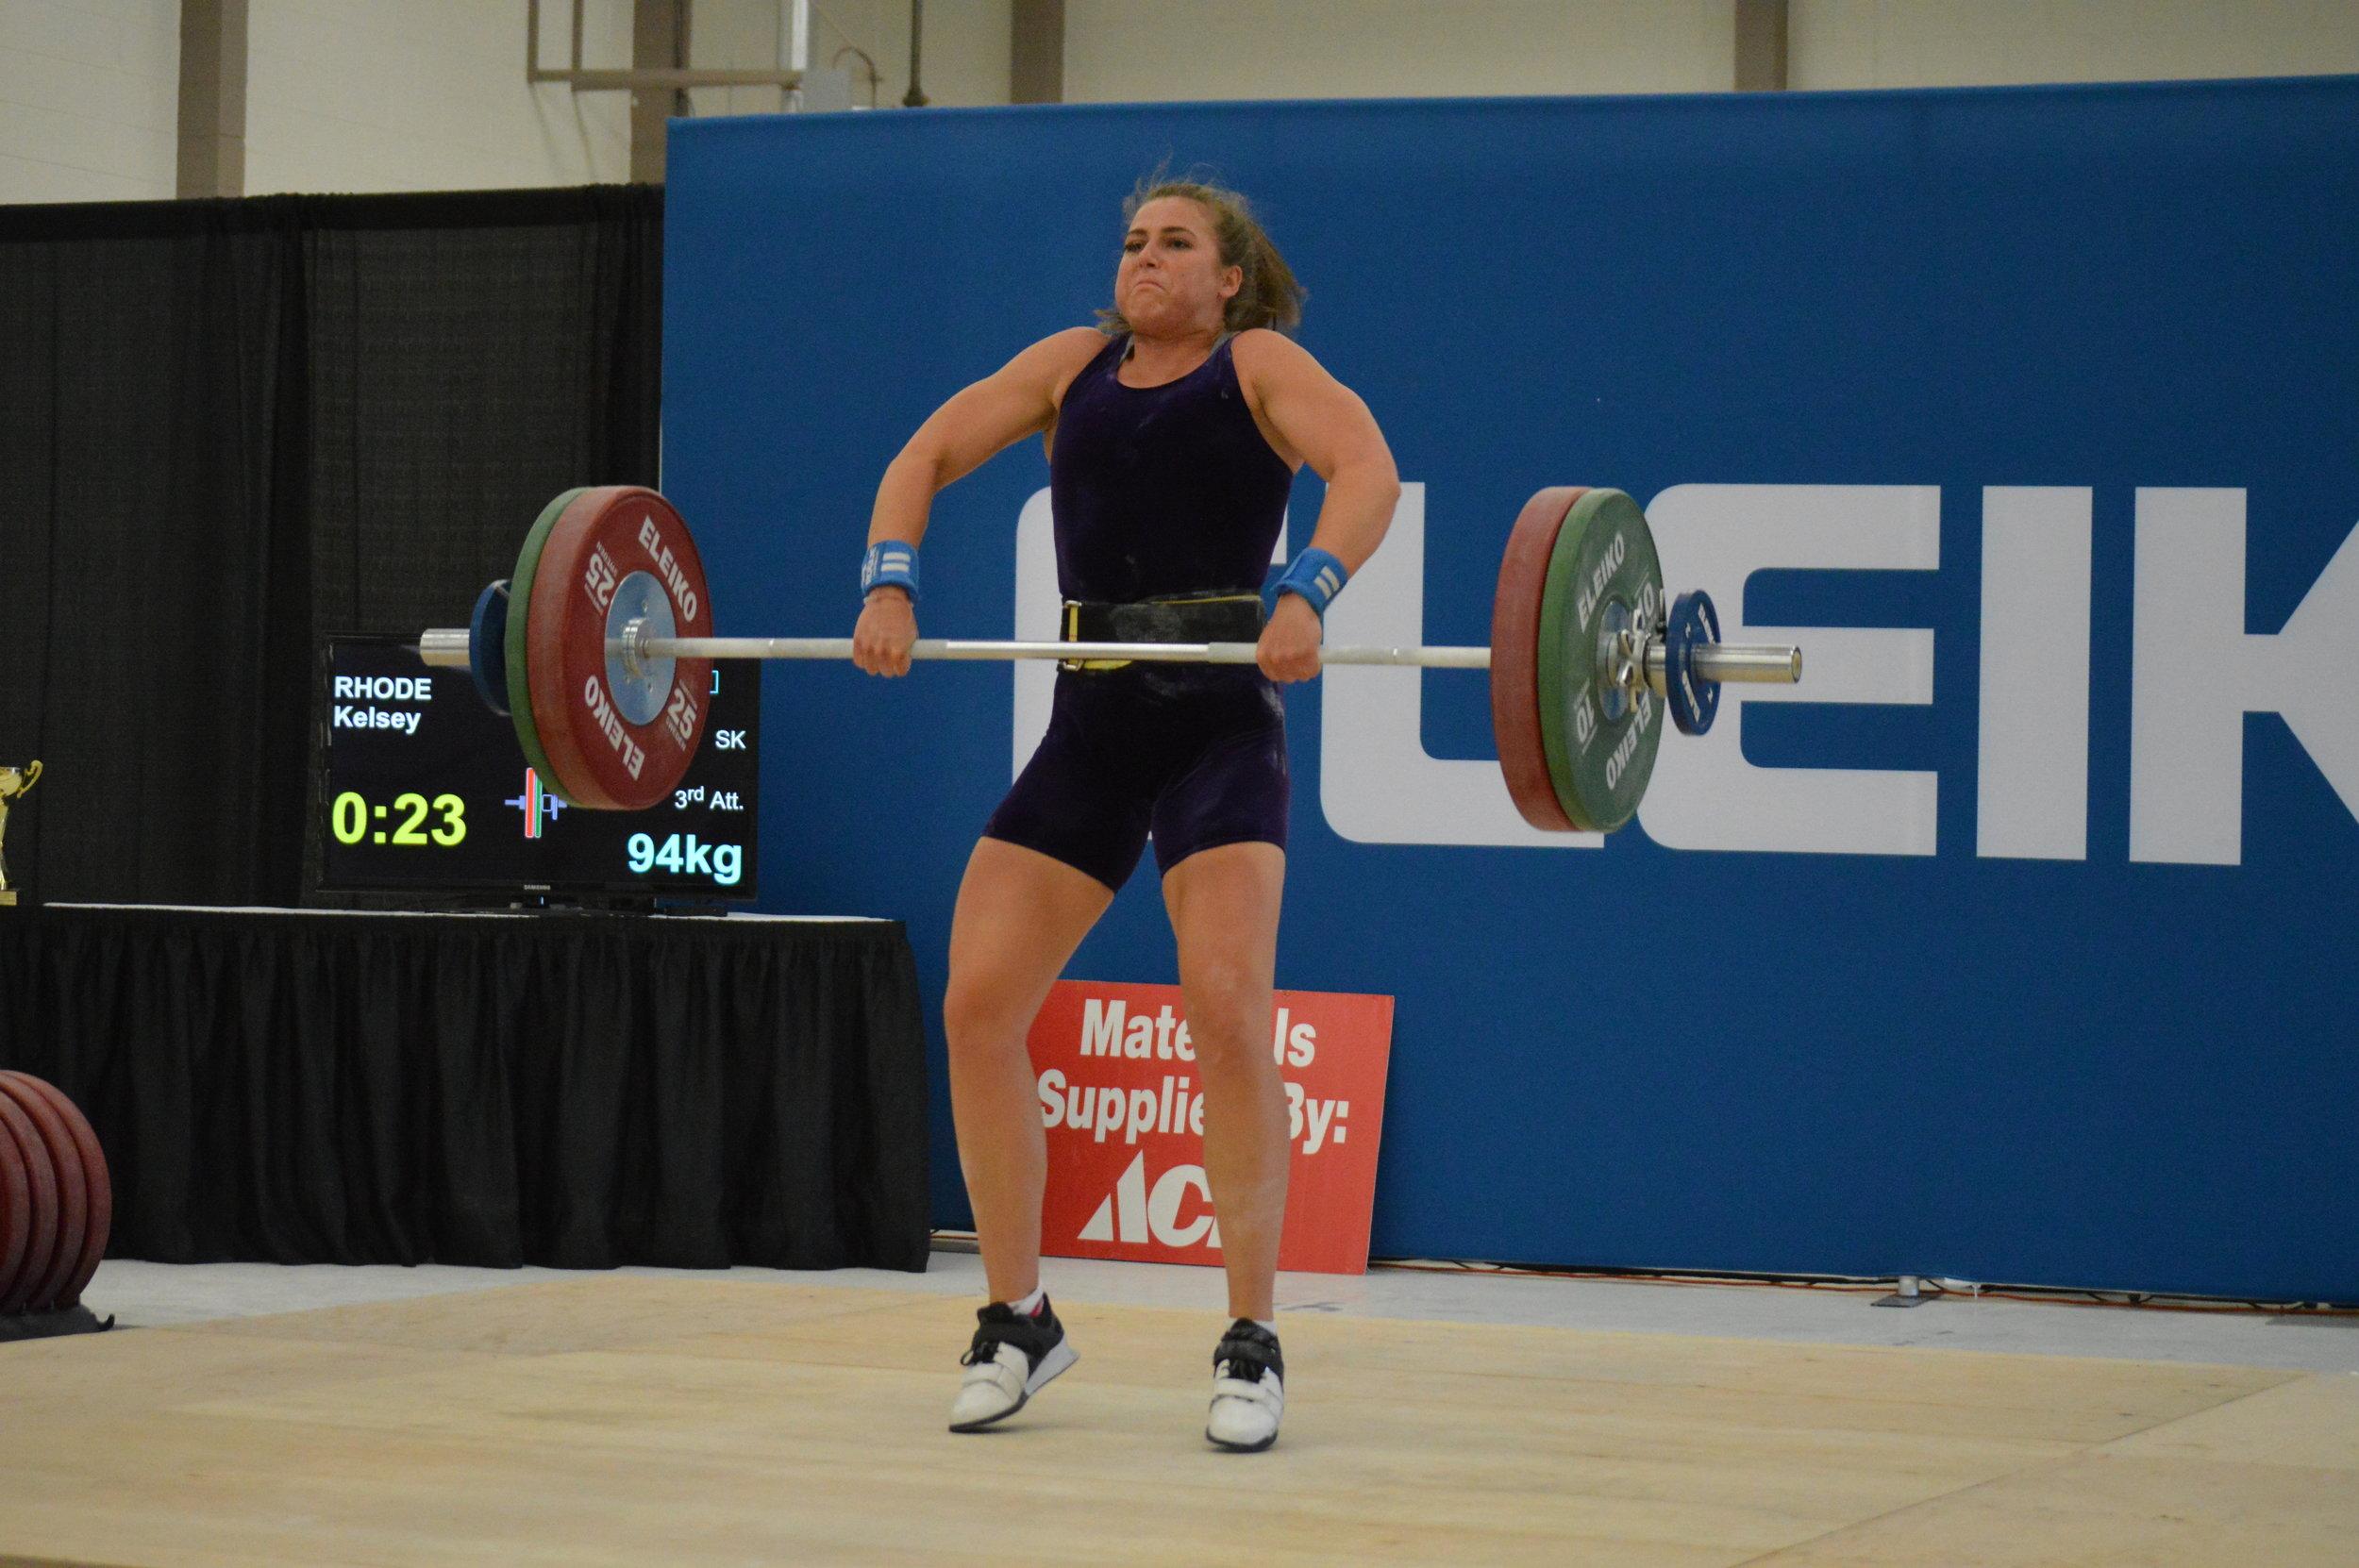 Kelsey - clean and jerk 94kg 3rd attempt (3).JPG